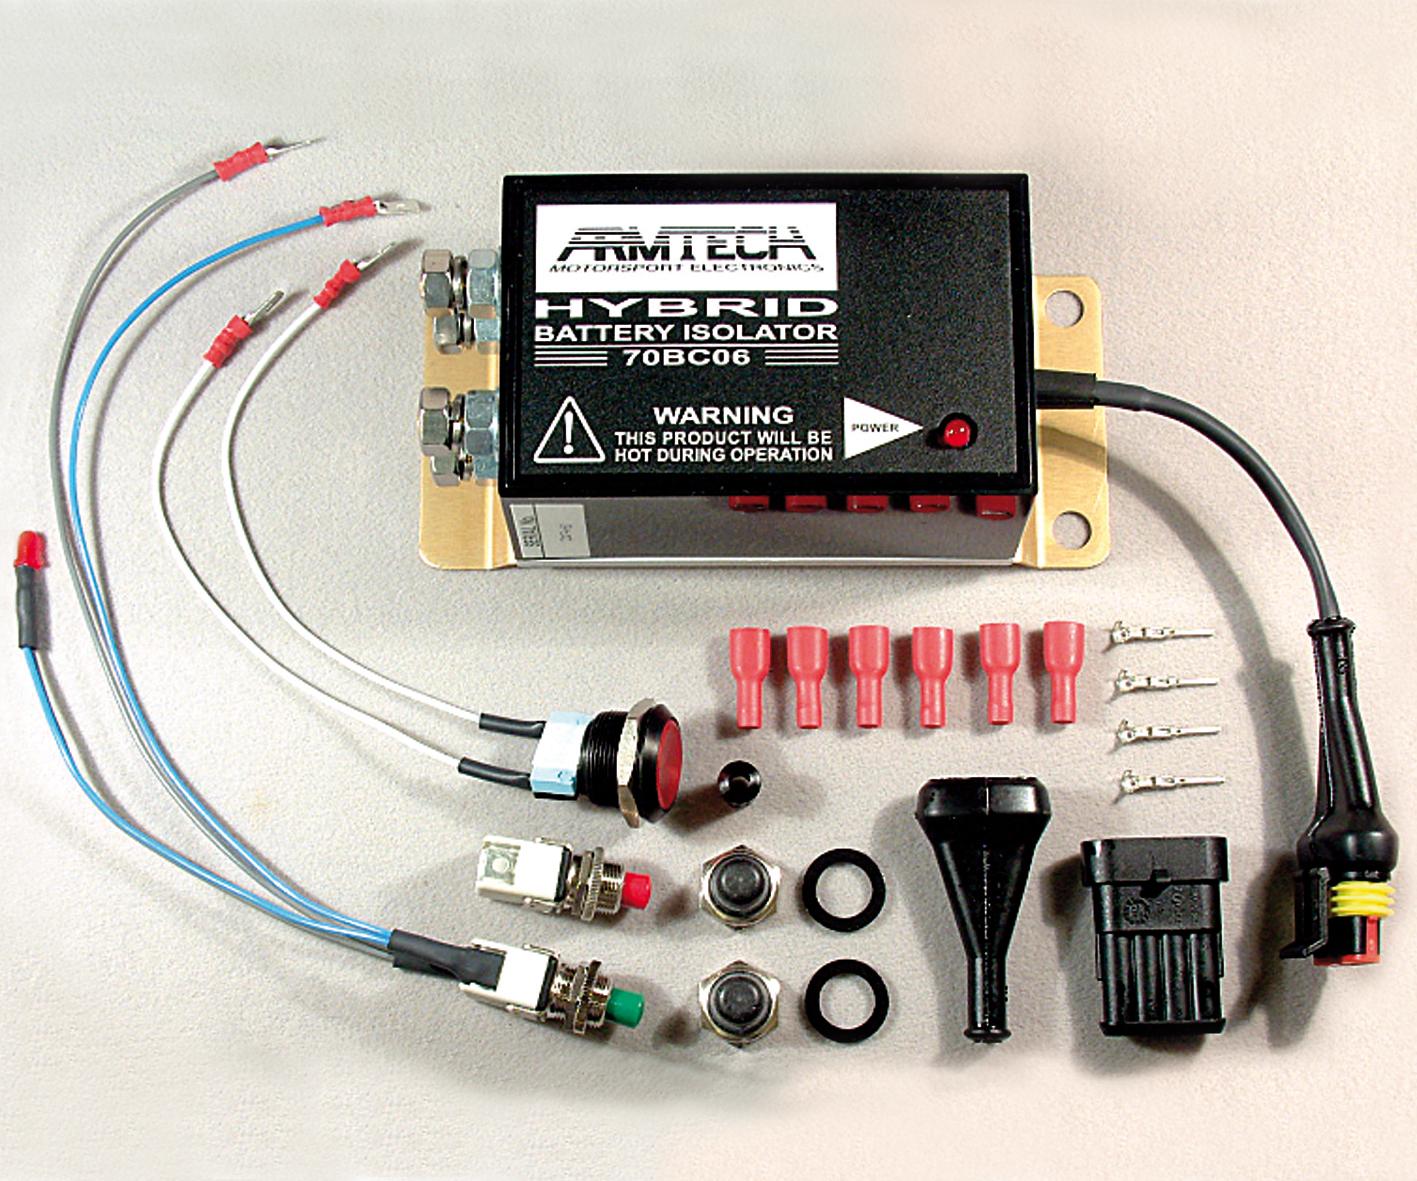 Armtech Stromkreisunterbrecher